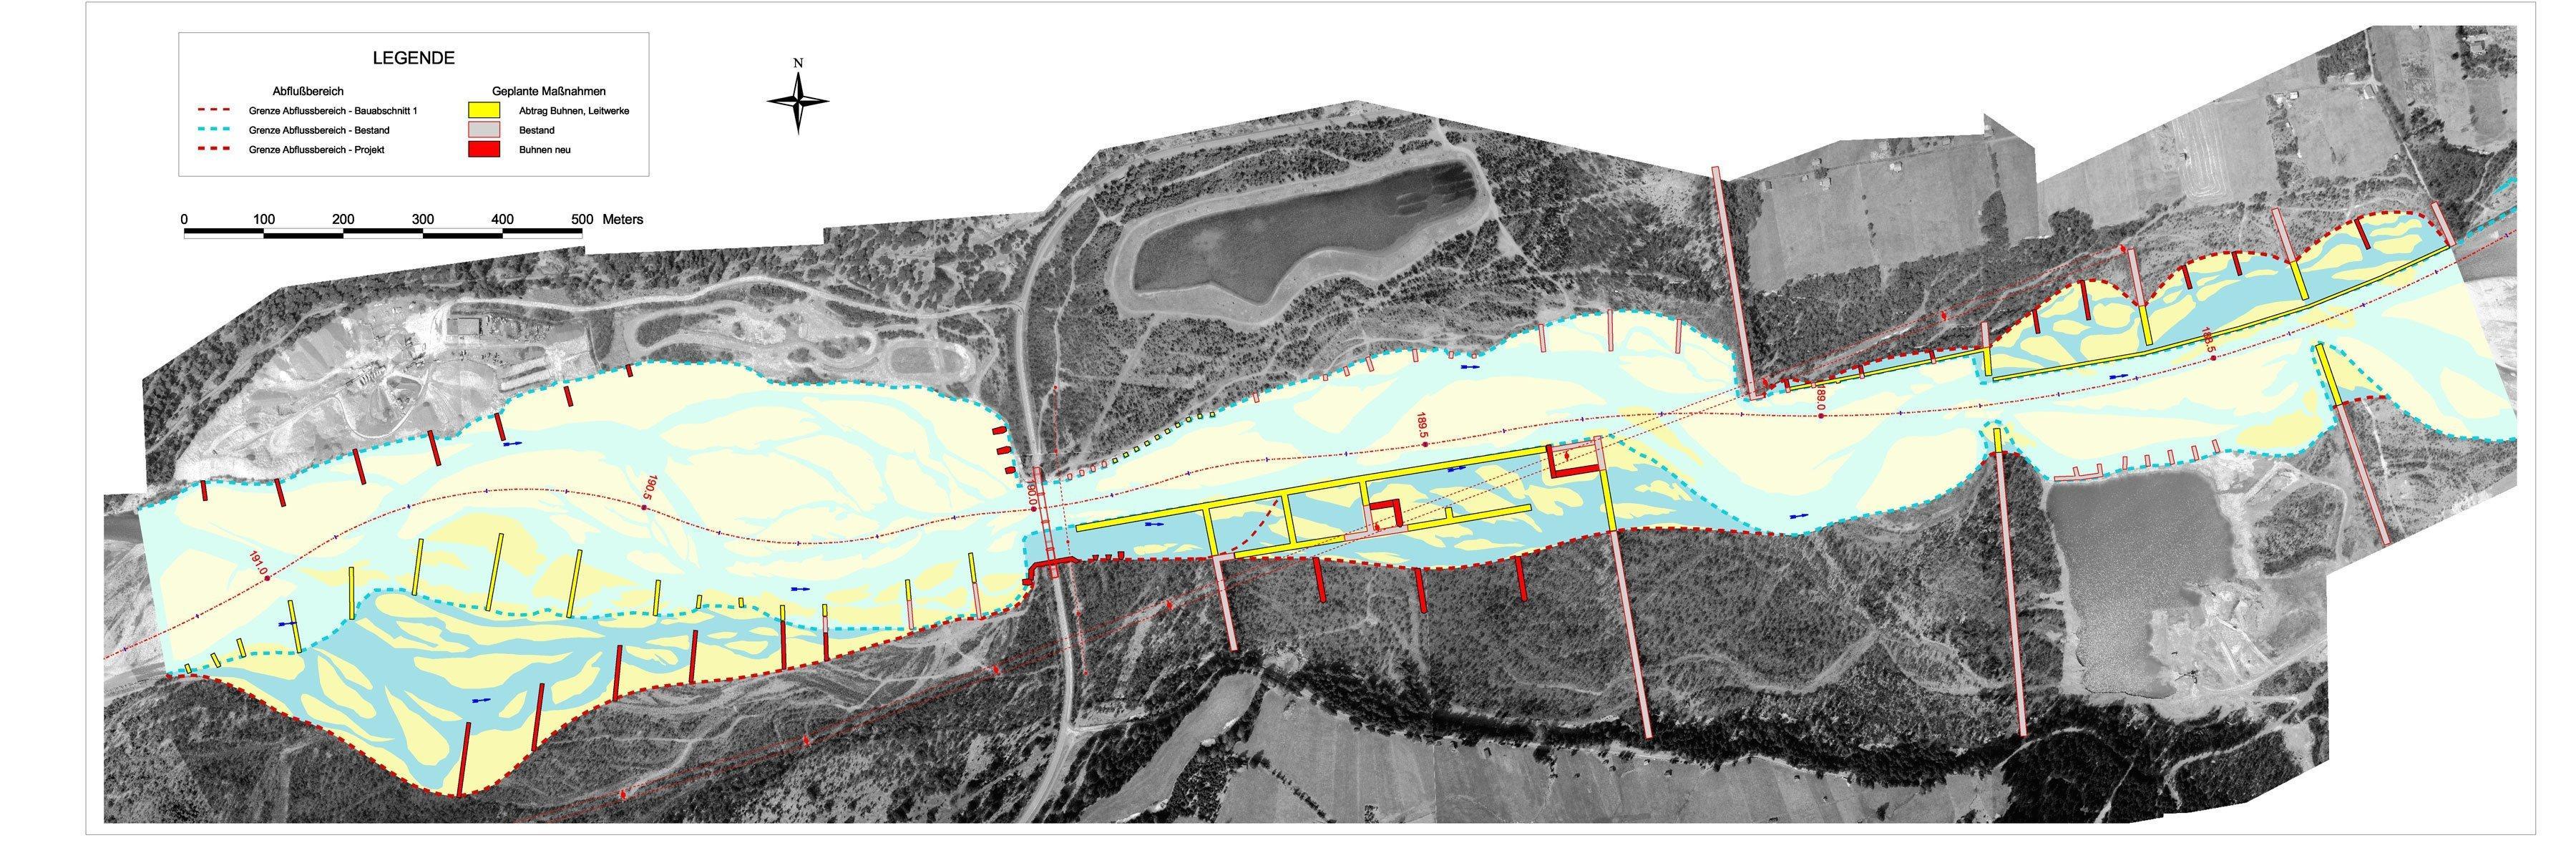 Plan des Tiroler Lech mit eingezeichneten Bauwerken.